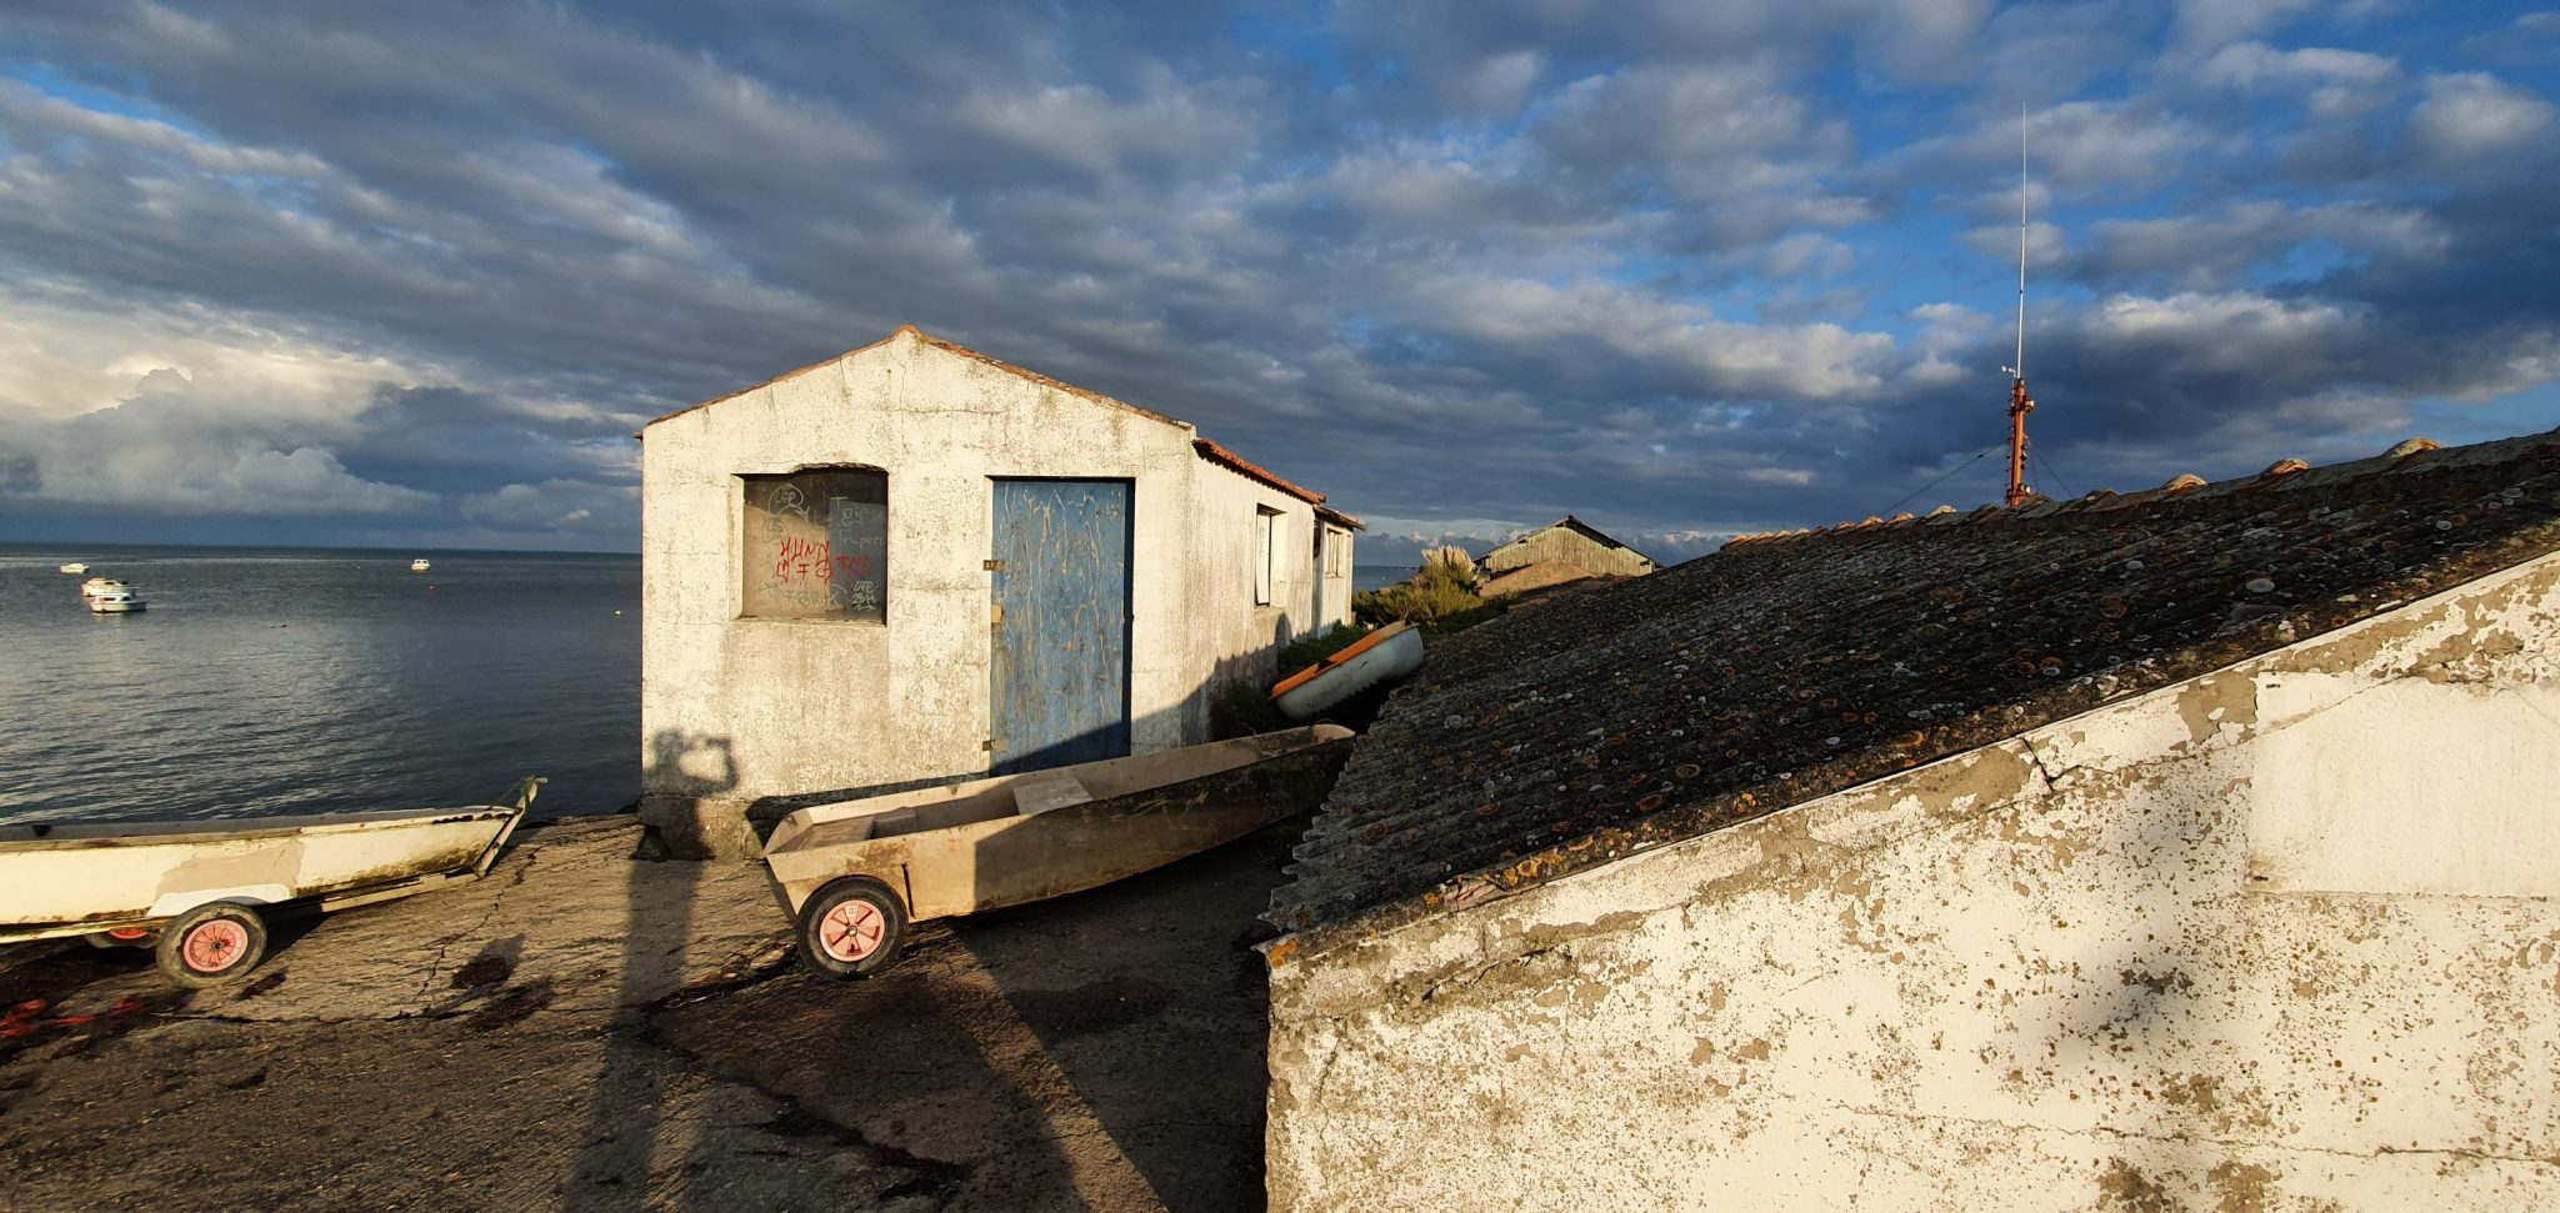 22 septembre : En route pour l'île de Noirmoutier